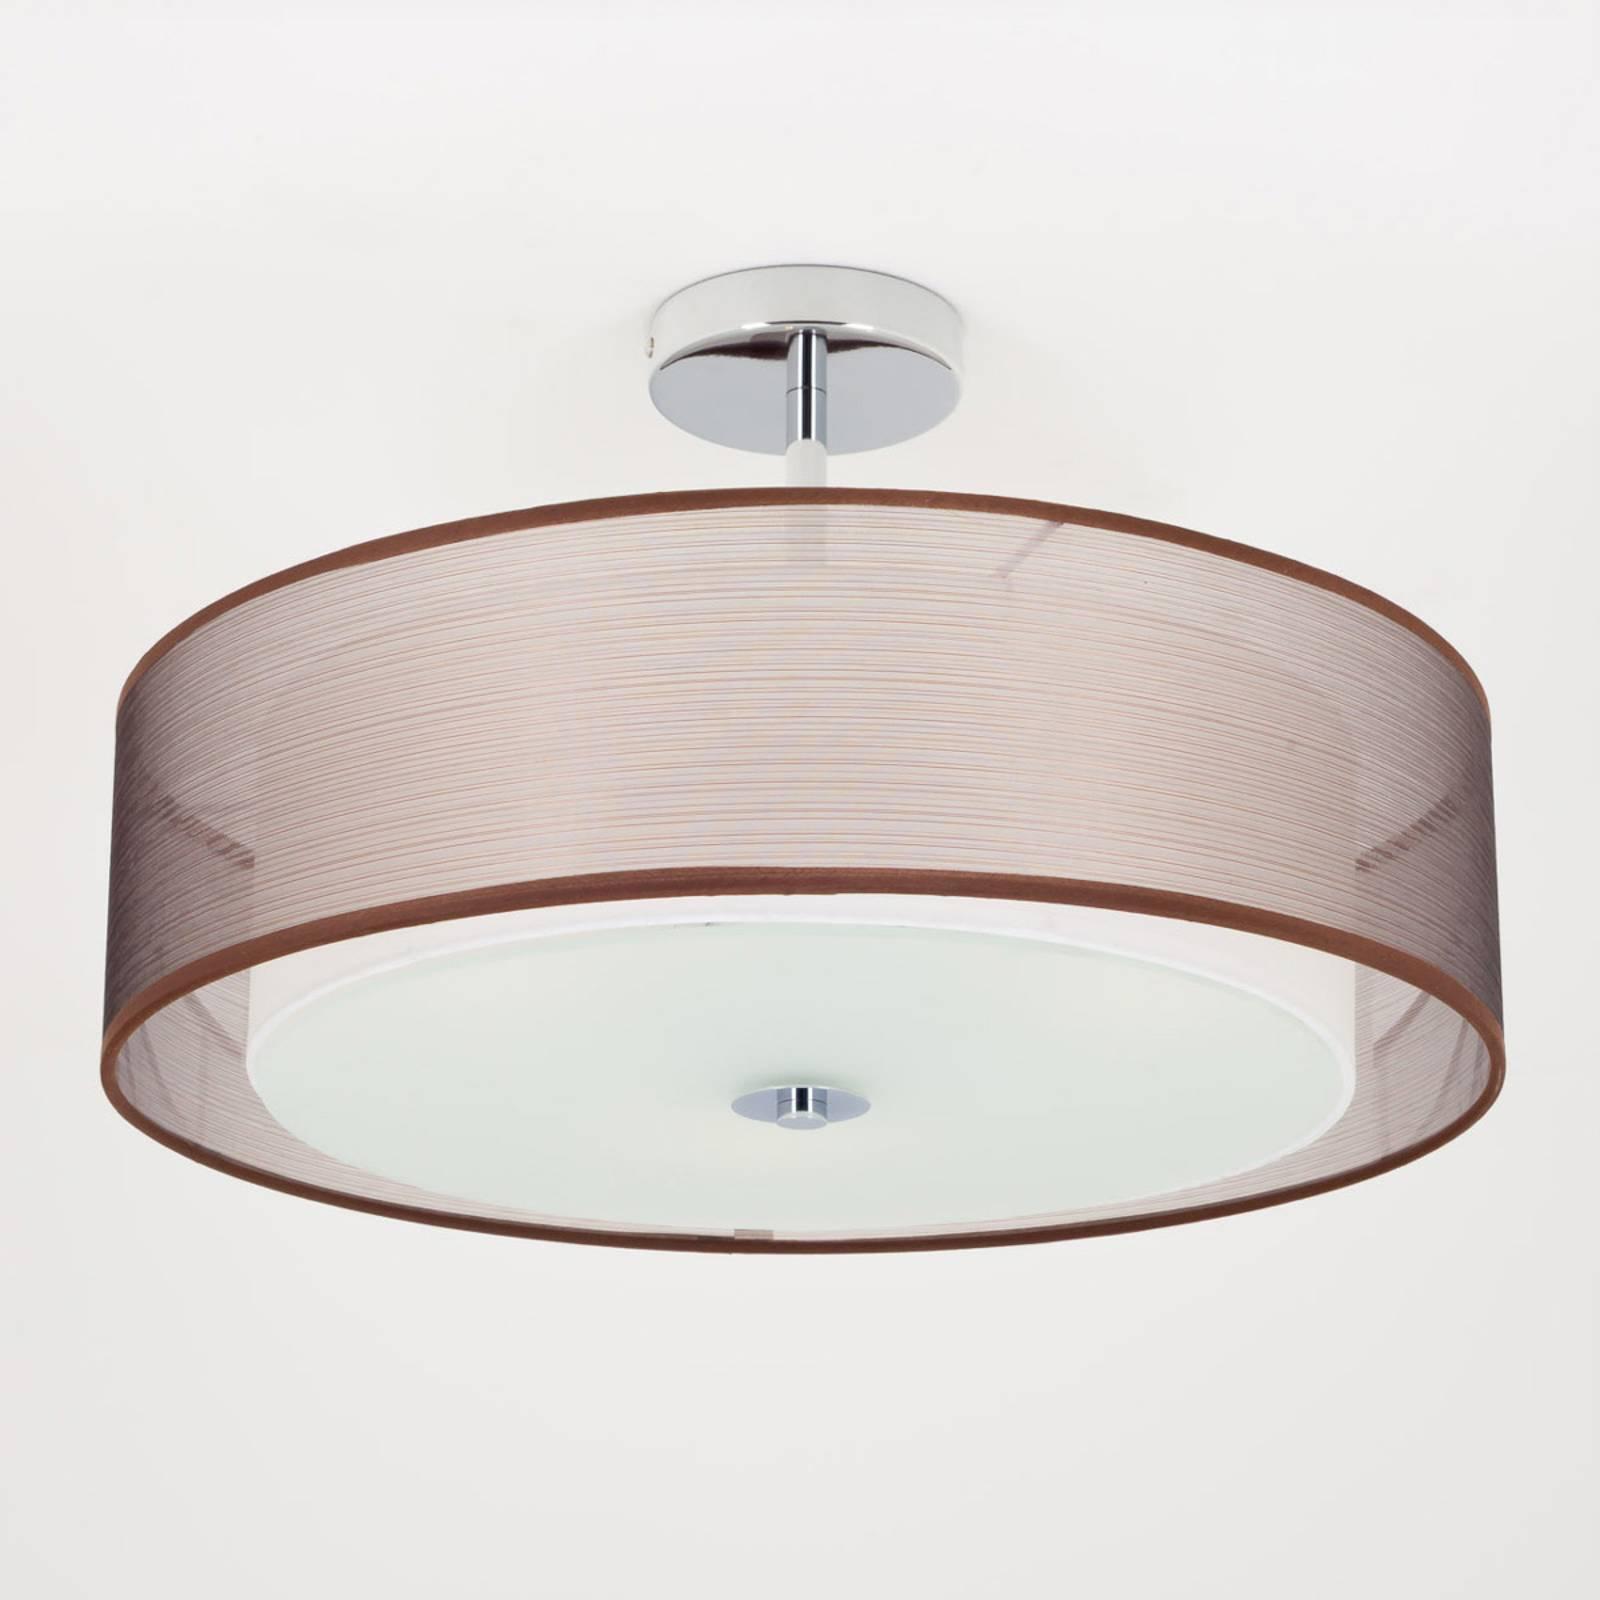 LED-kattovalaisin Pikka, ruskea varjostin